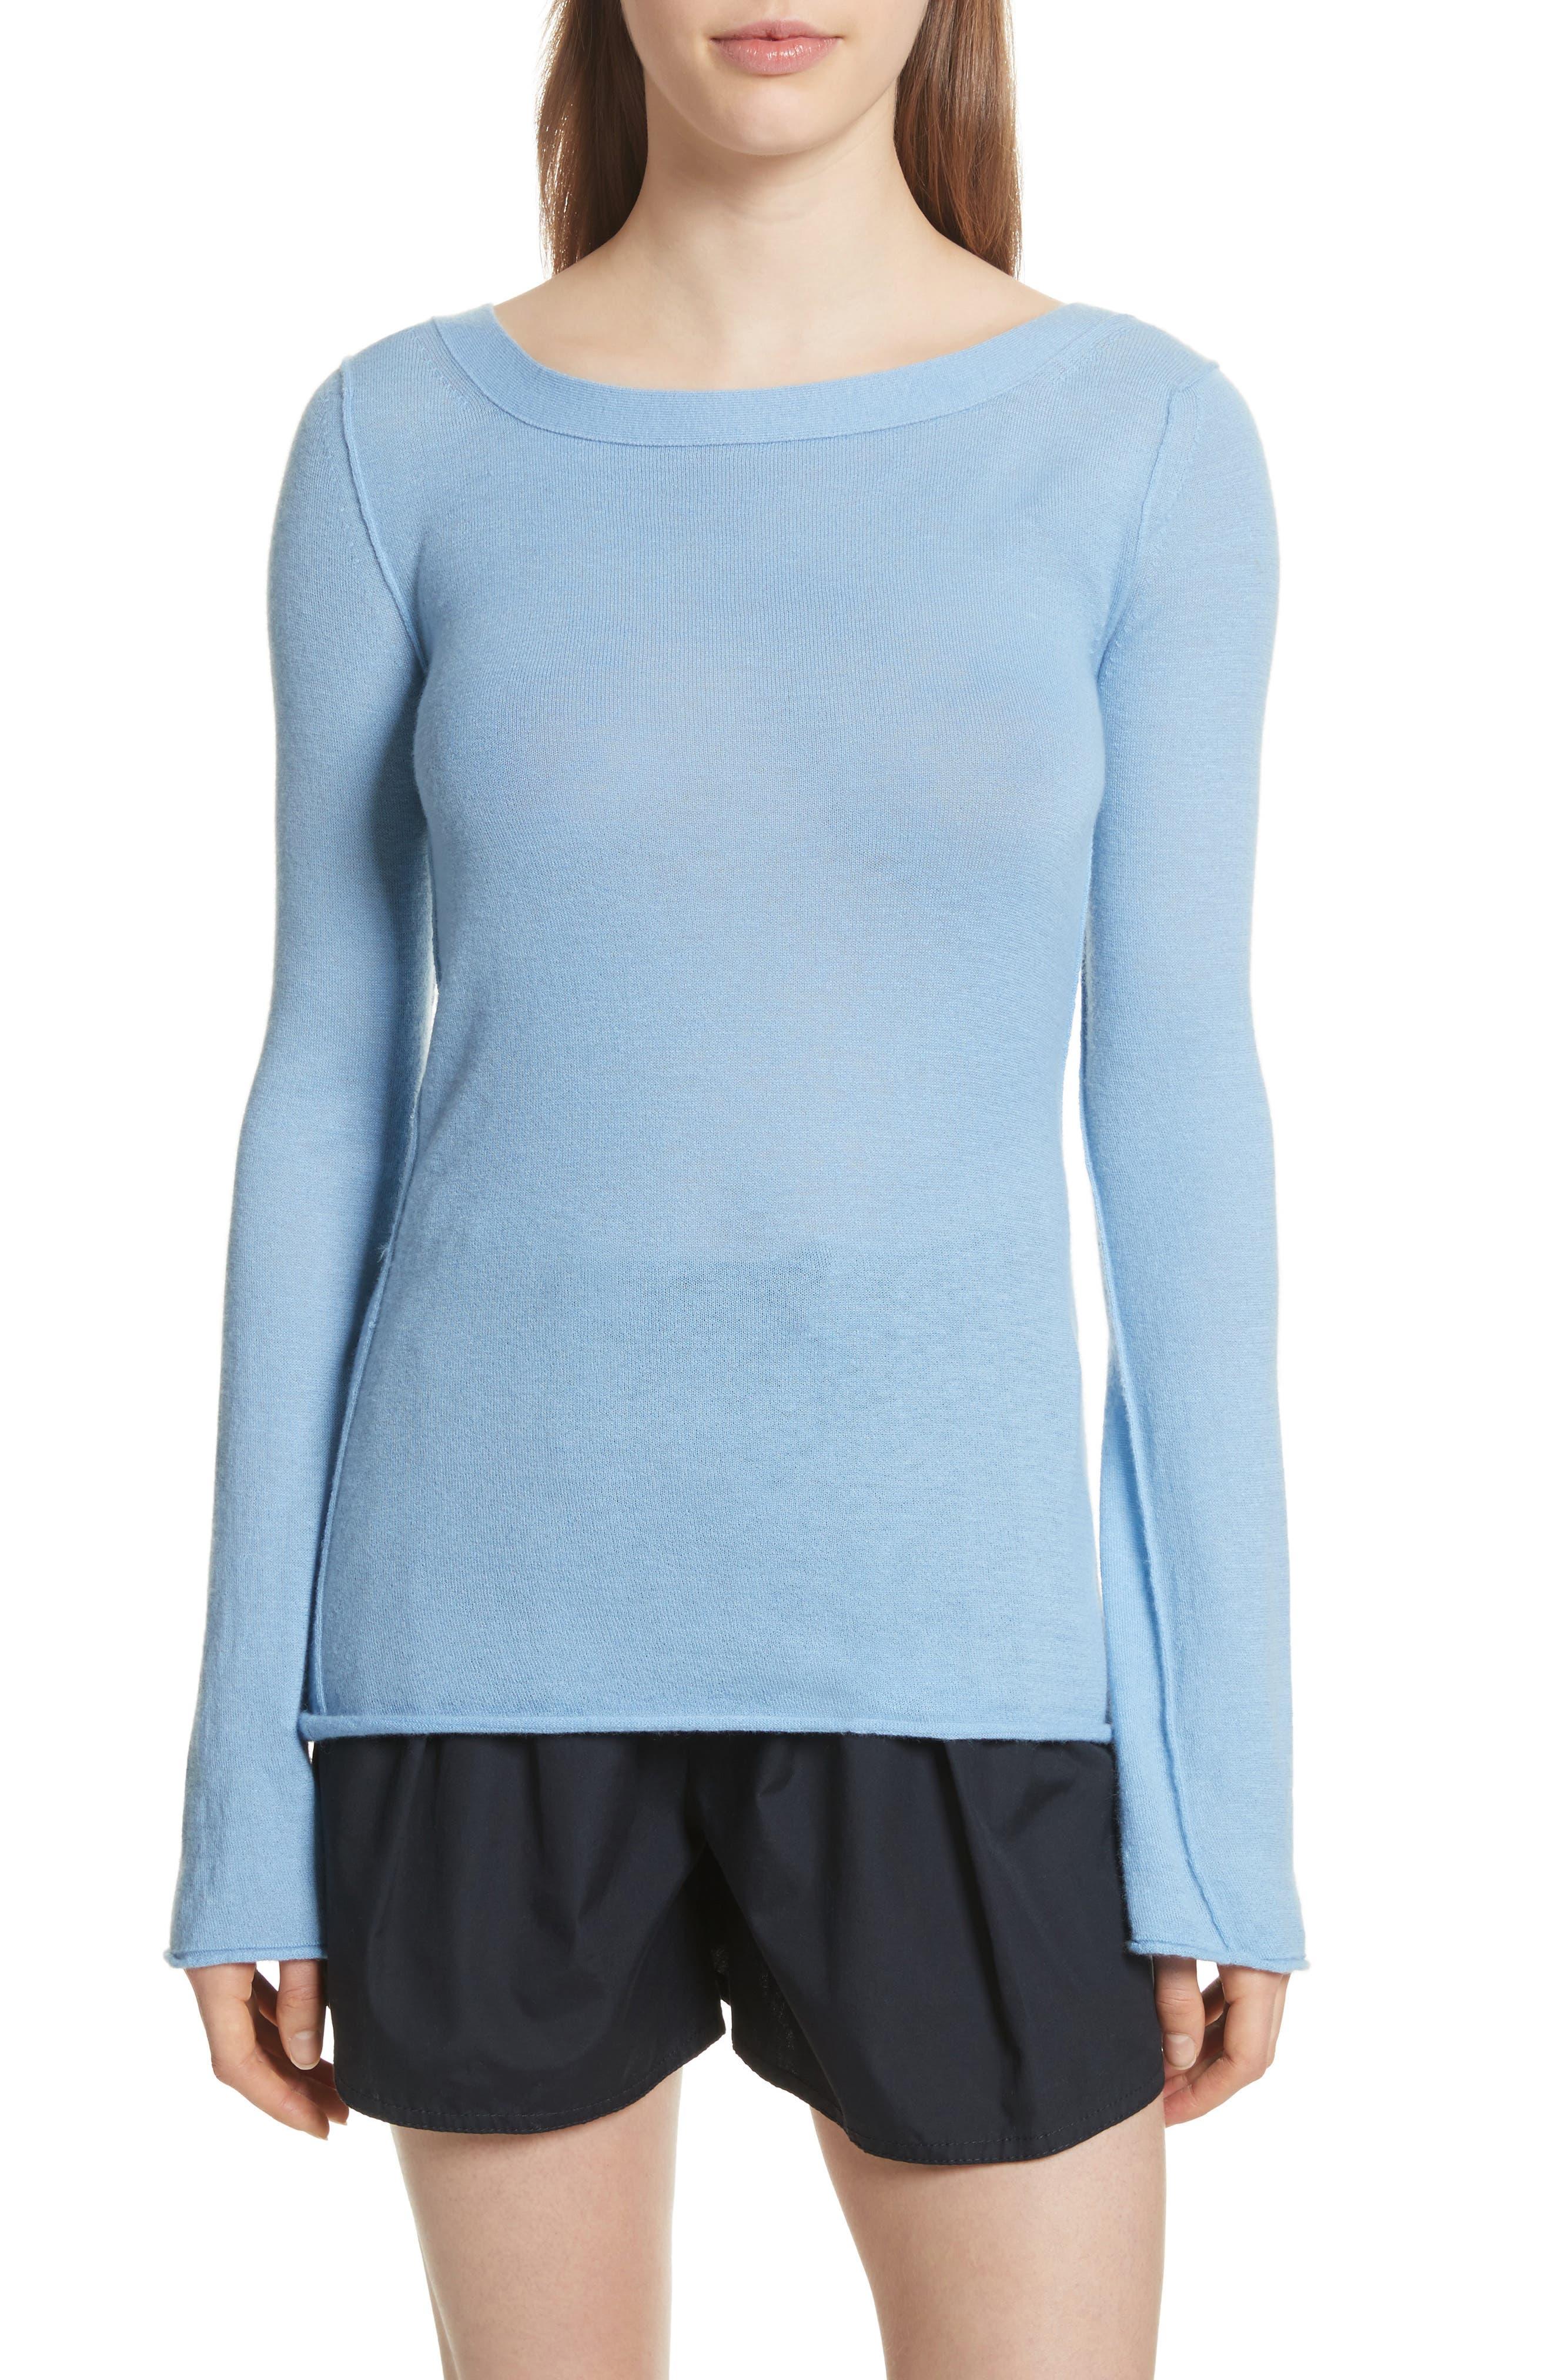 Alternate Image 1 Selected - Vince Cashmere V-Back Cashmere Sweater